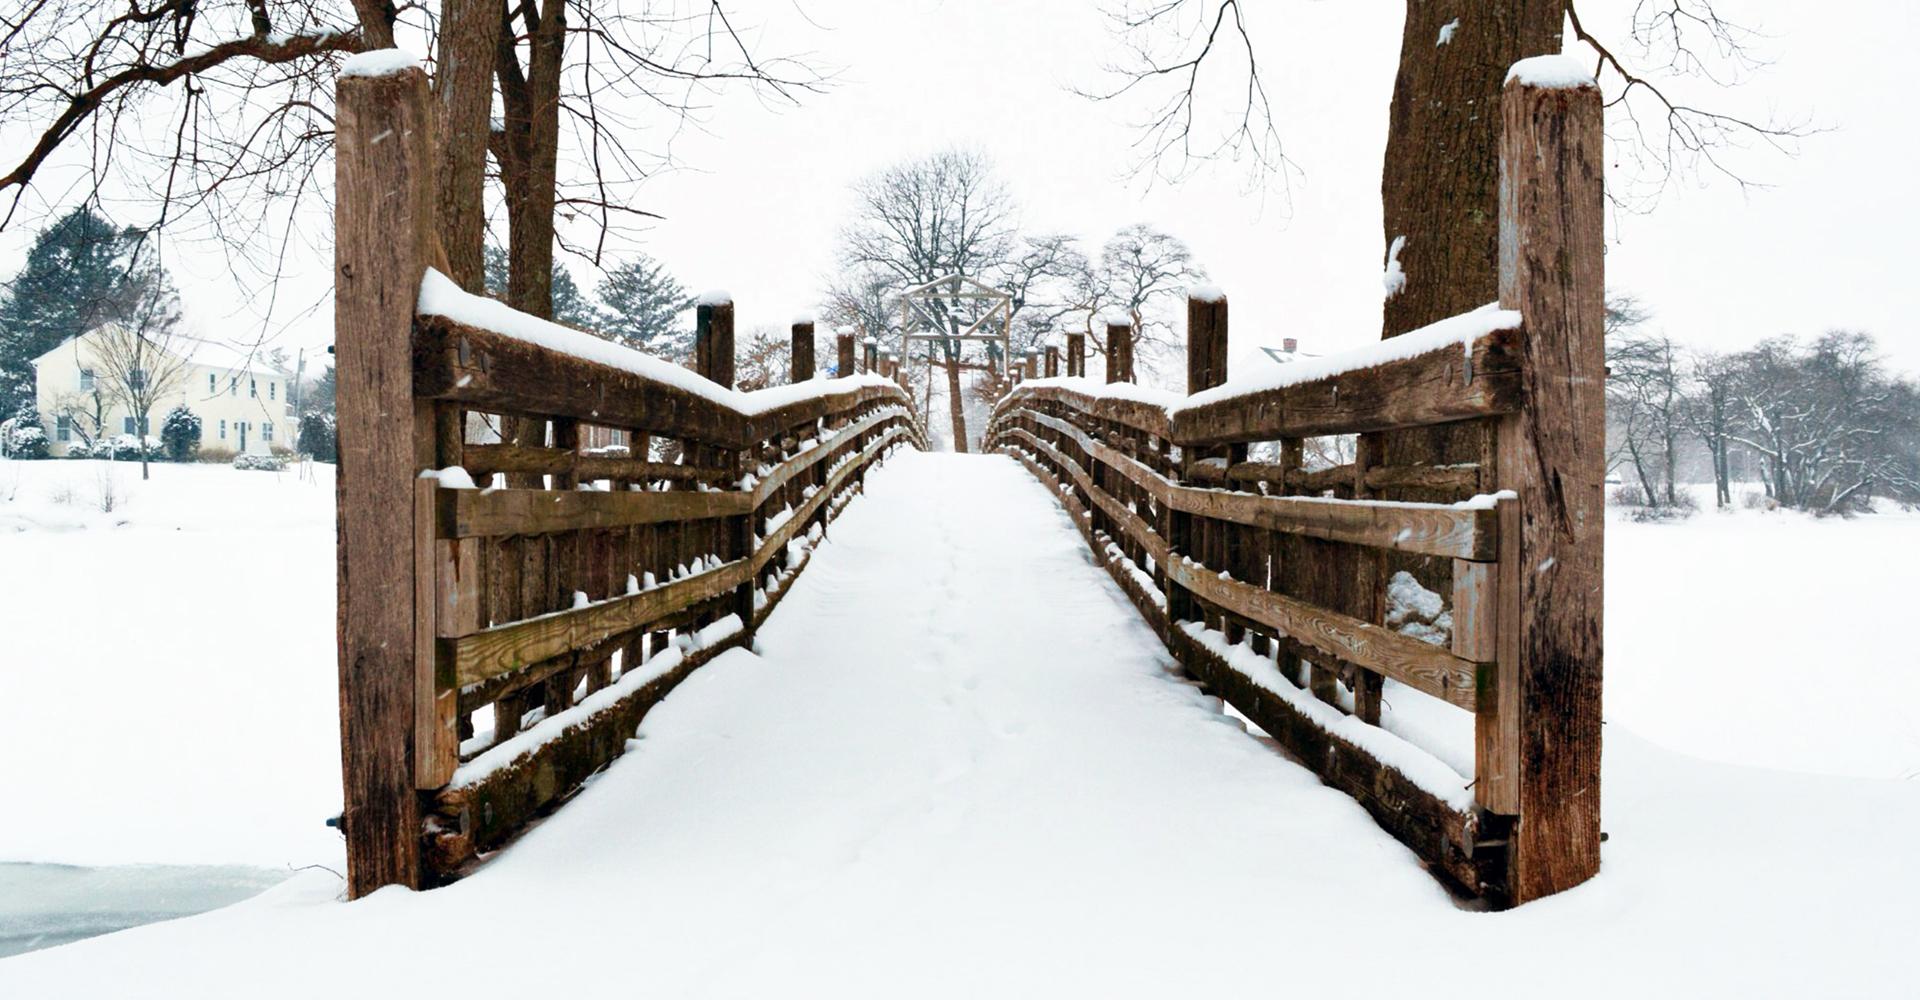 Snow-covered Escape